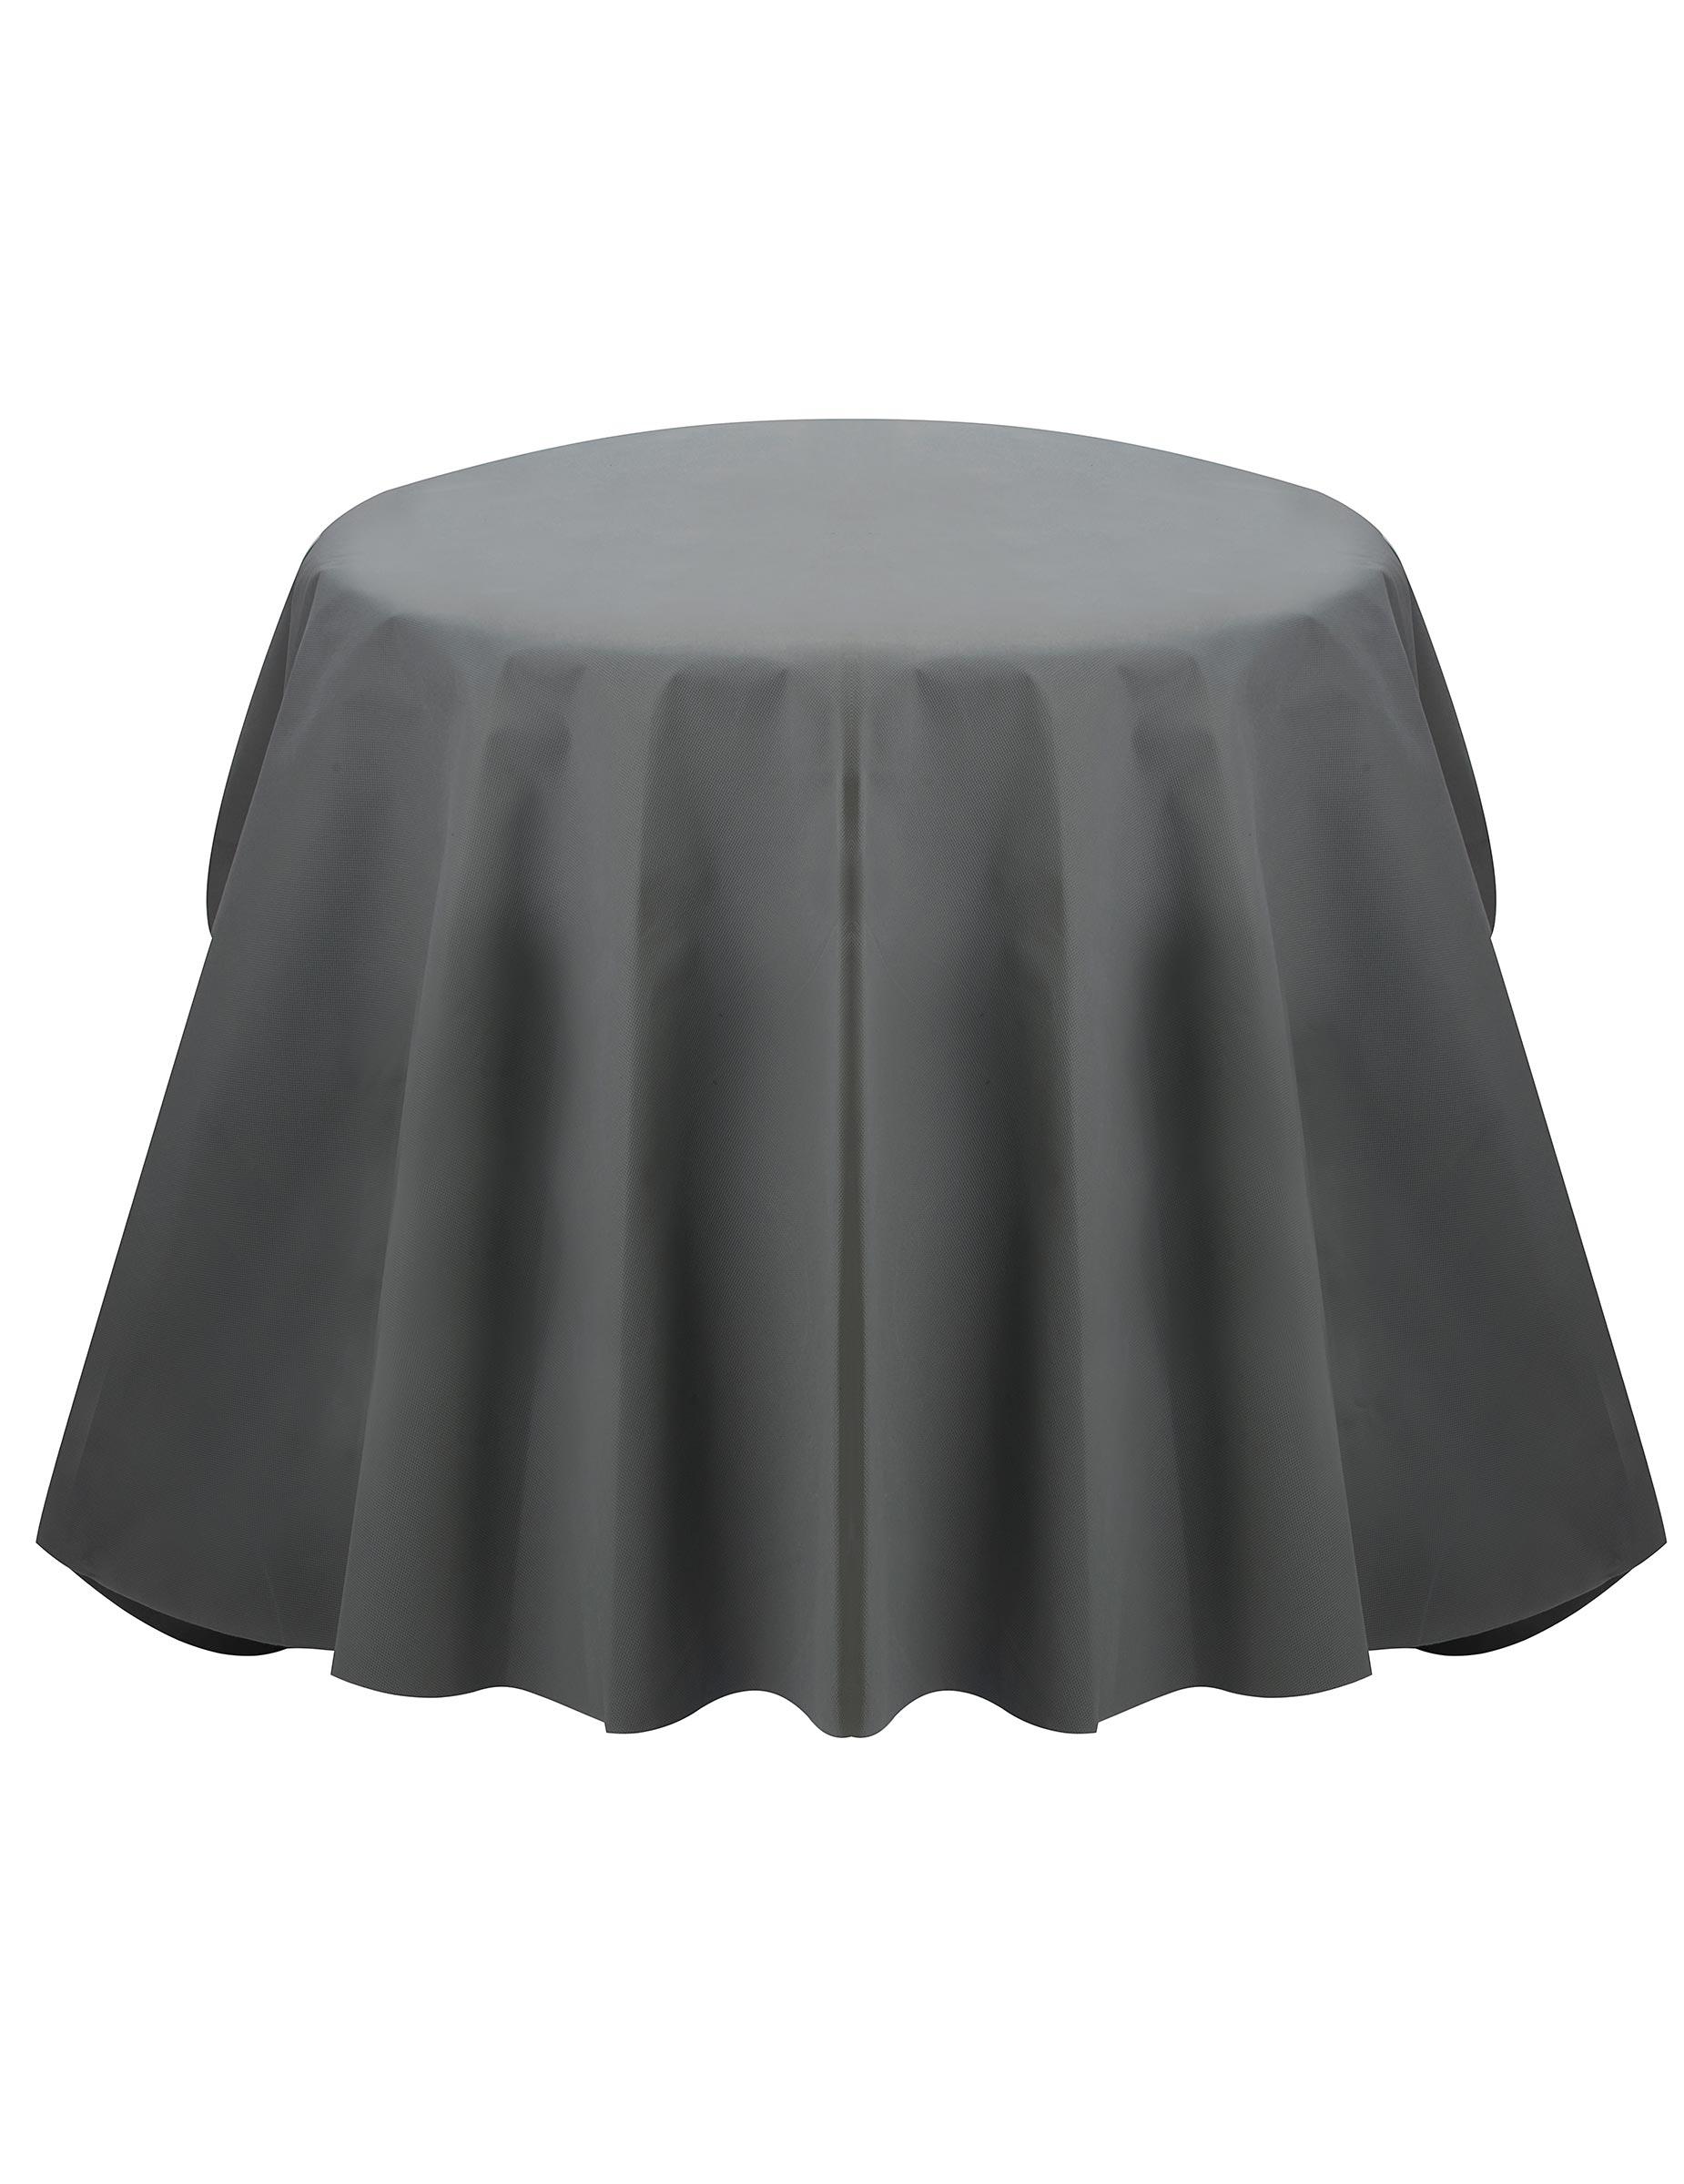 nappe ronde grise opaque d coration anniversaire et f tes th me sur vegaoo party. Black Bedroom Furniture Sets. Home Design Ideas